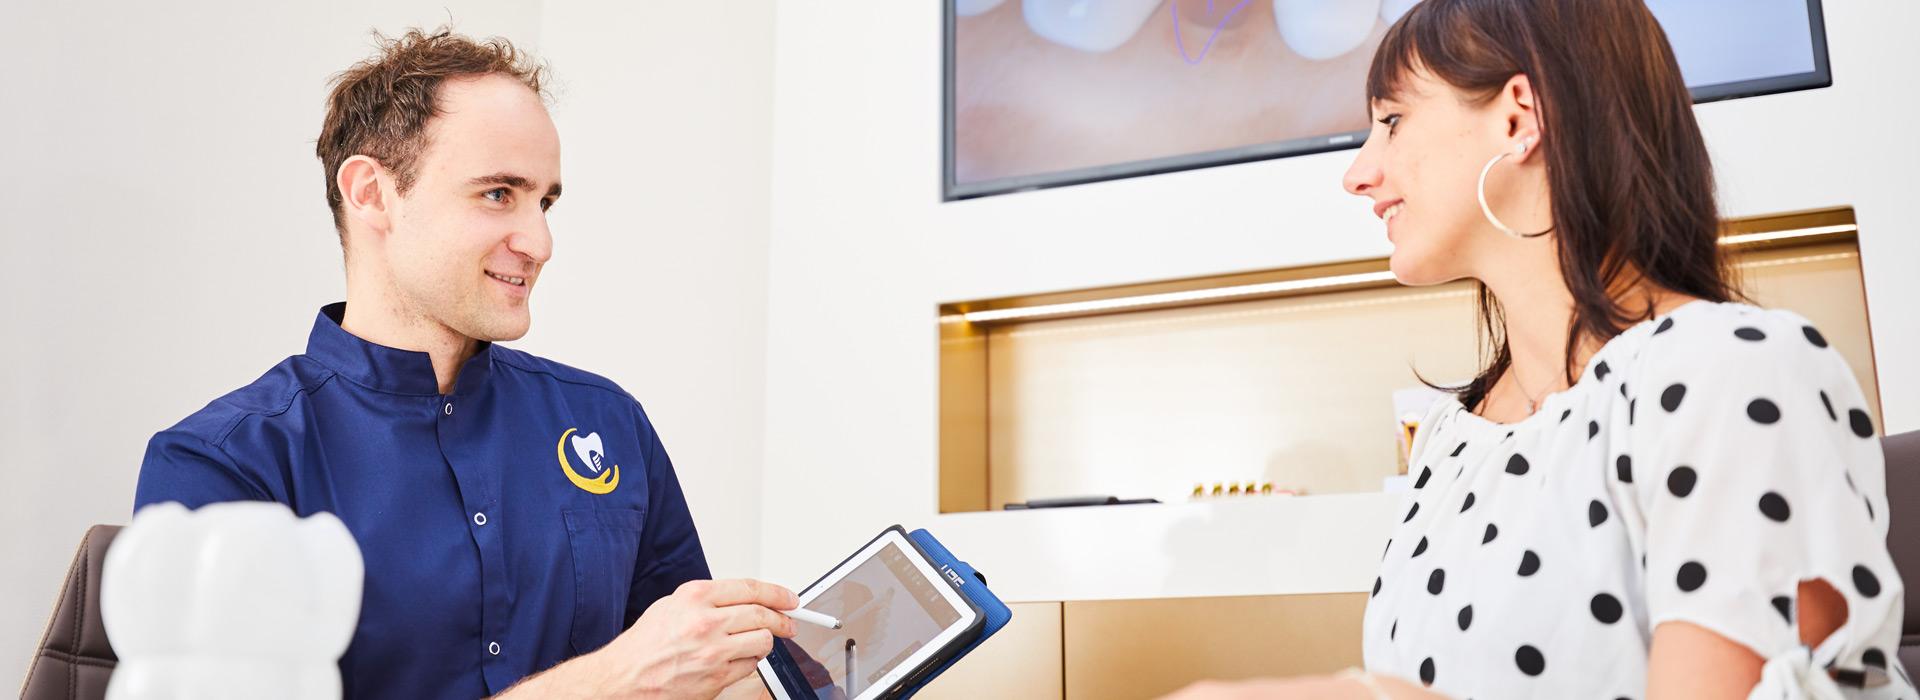 Zahnarztpraxis Dres. Braunschweiger & Gebauer - Zahnersatz auf Implantaten 1